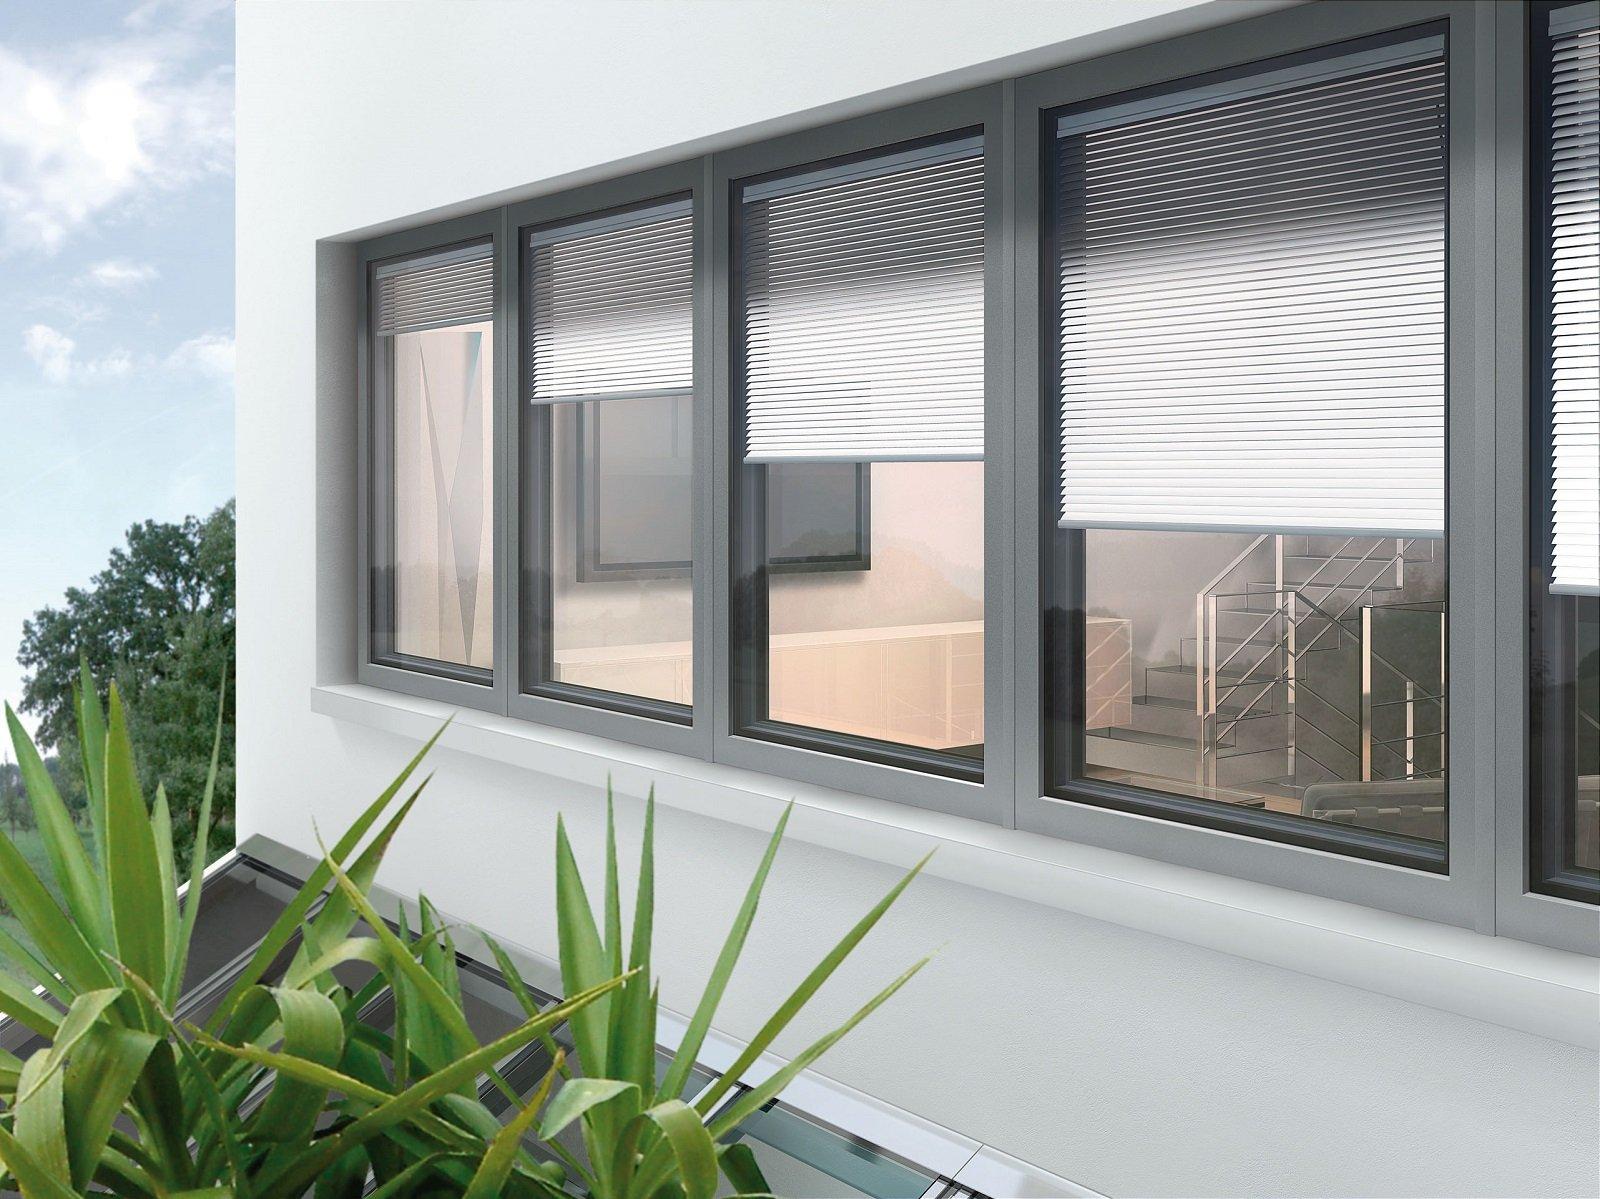 Finestre con ridotti profili per tanta luminosit nell - Sostituzione vetri finestre ...